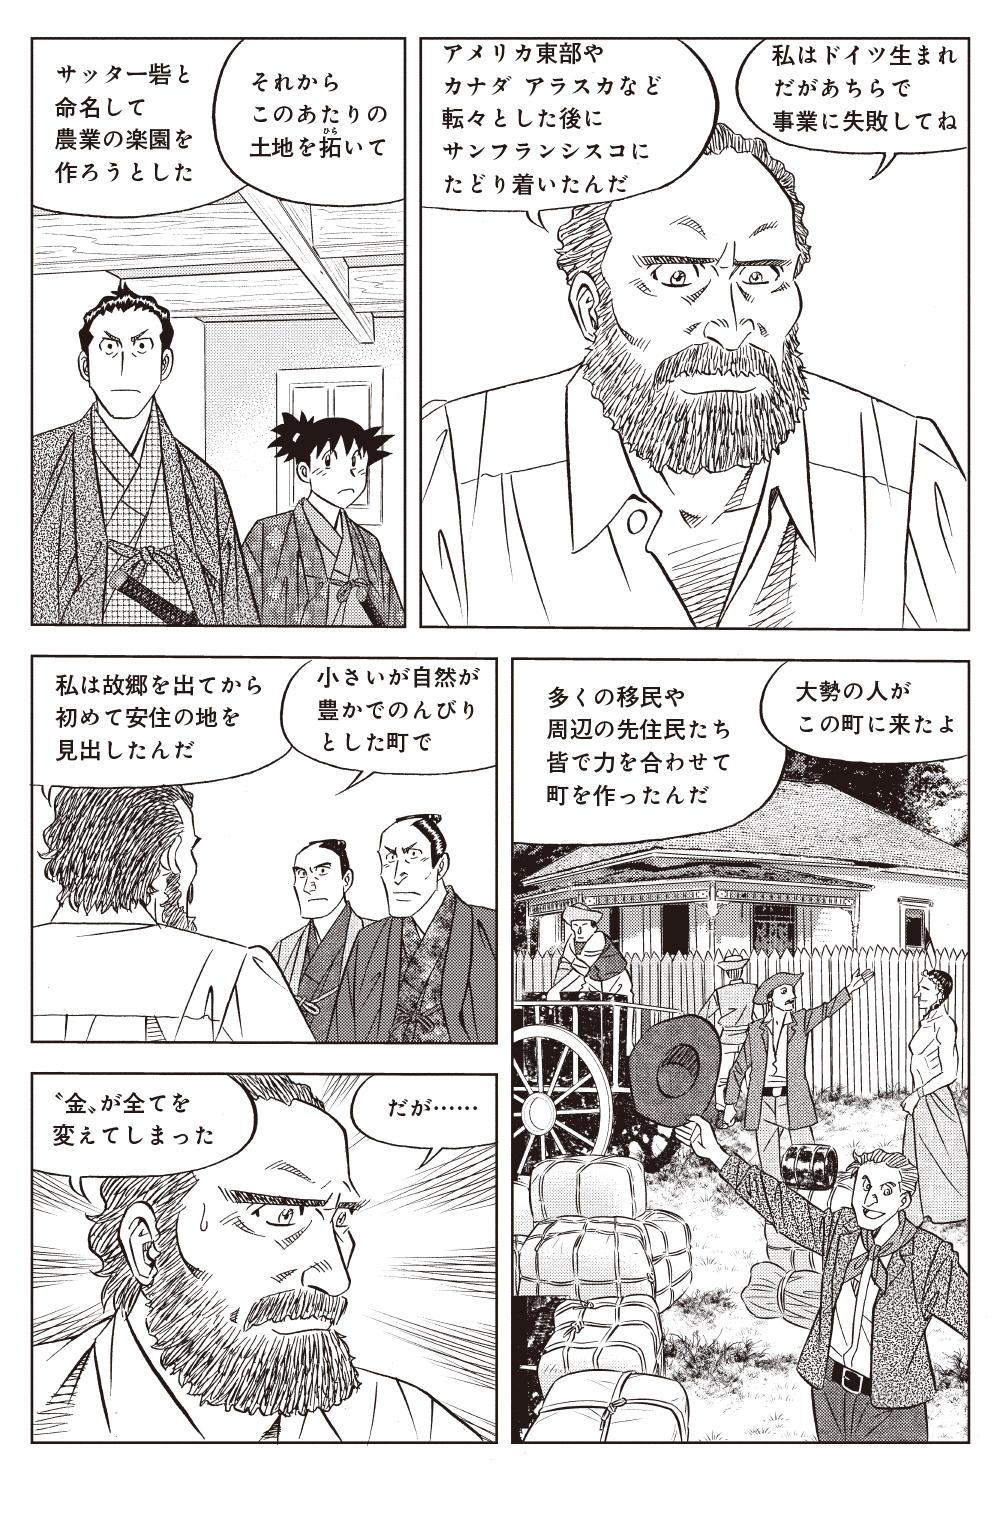 ミスター味っ子 幕末編 第3話「黄金大陸」②ajikko02-93.jpg